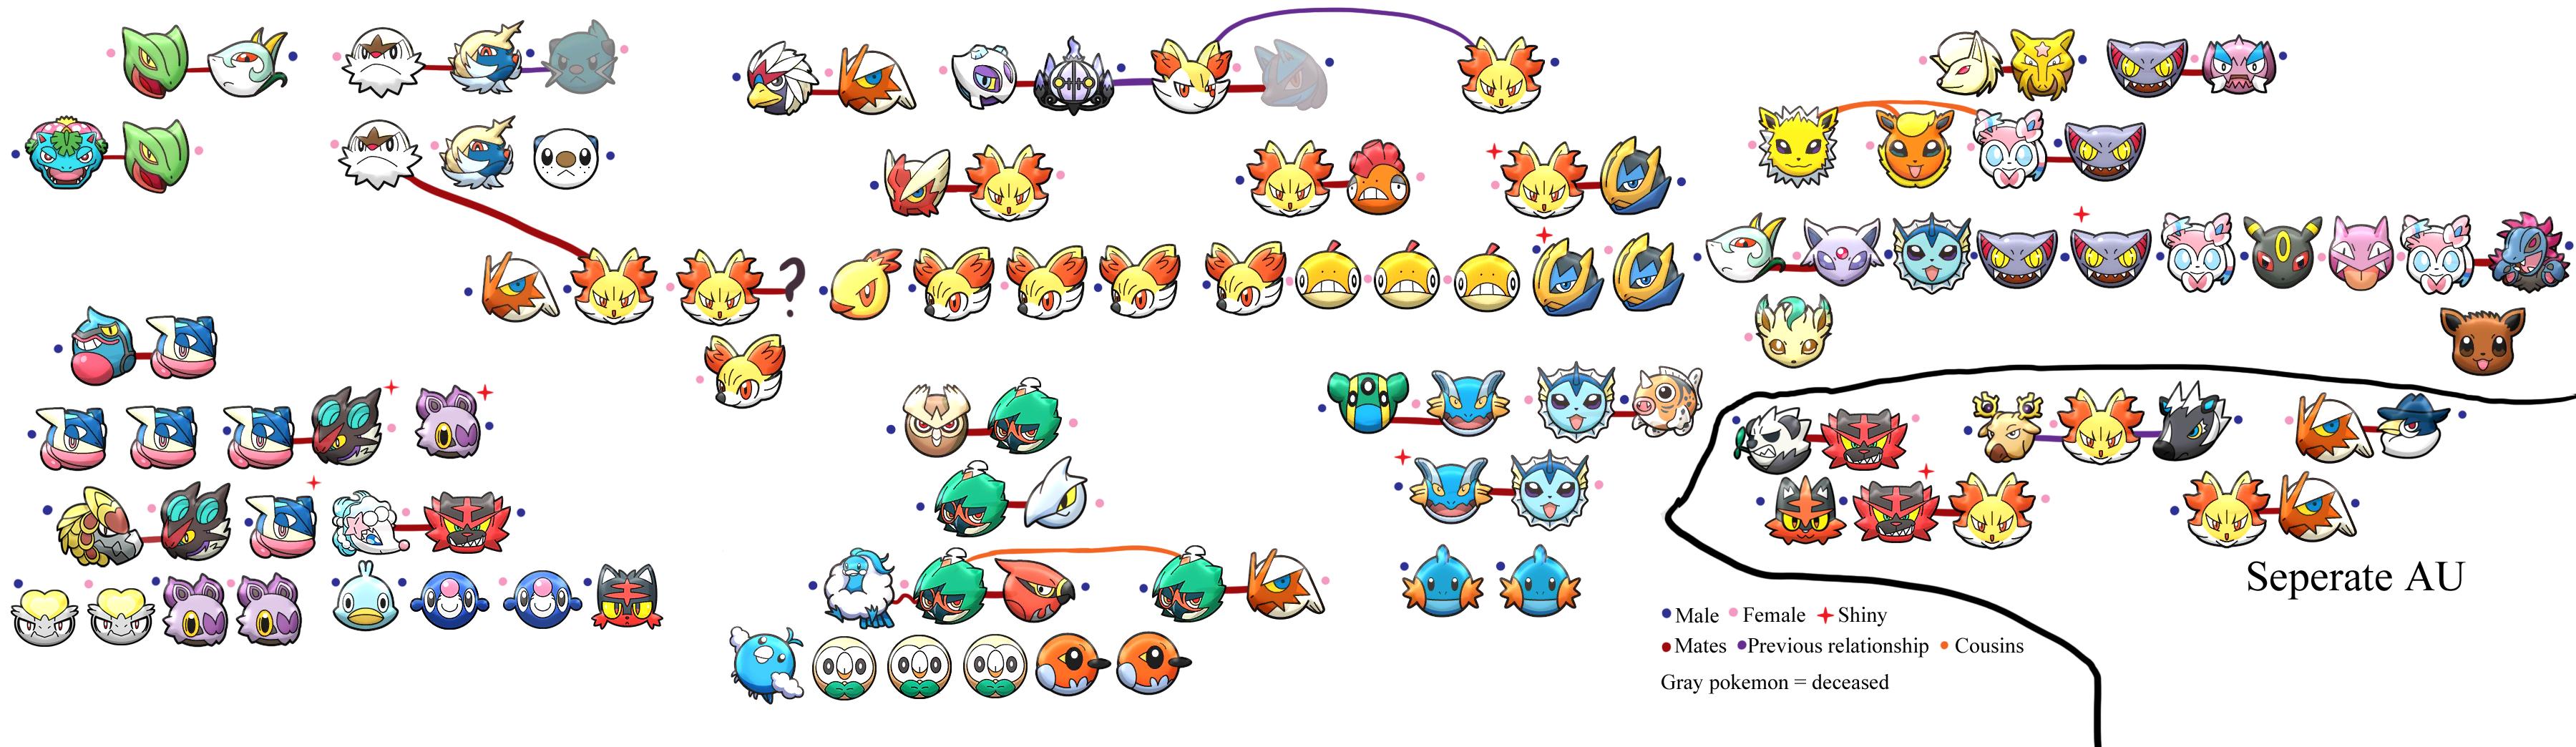 Pokemon Family Tree